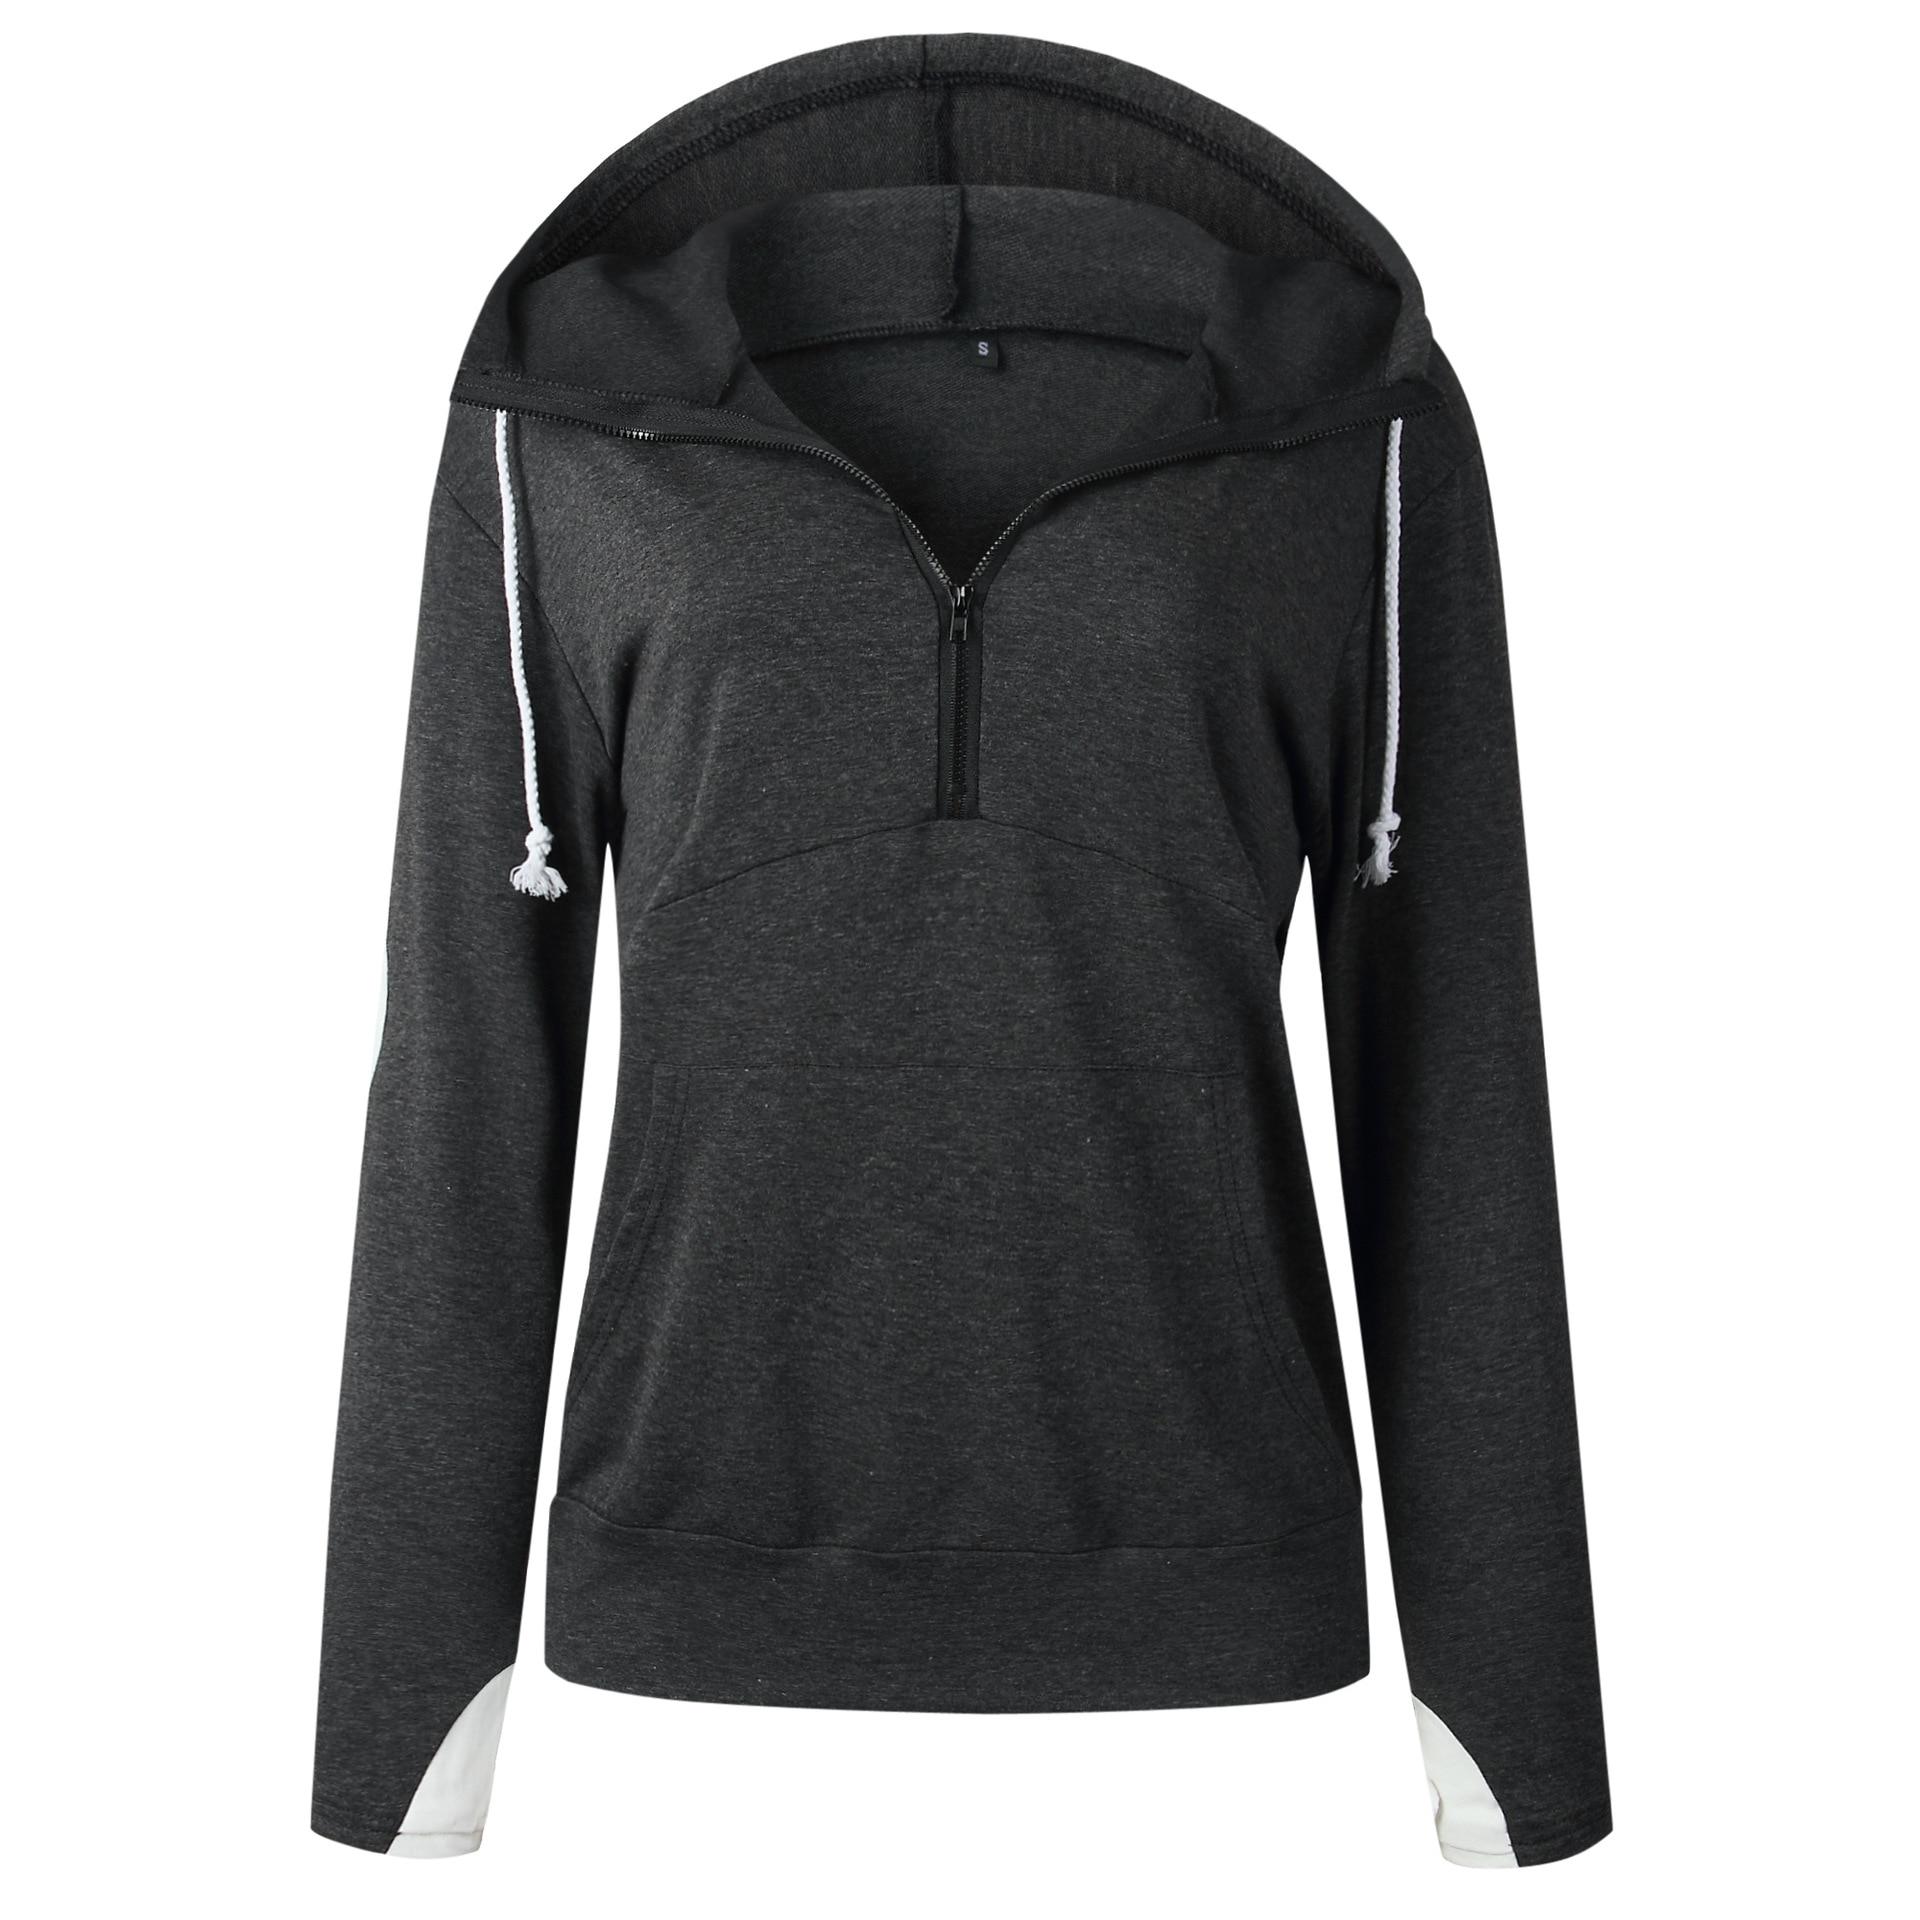 Kawaii Heart Pattern Hoodies Sweatshirts Women 2019 Autumn Winter Zipper Sweat Hooded Pullovers Pocket Streetwear Hoody Tops in Hoodies amp Sweatshirts from Women 39 s Clothing